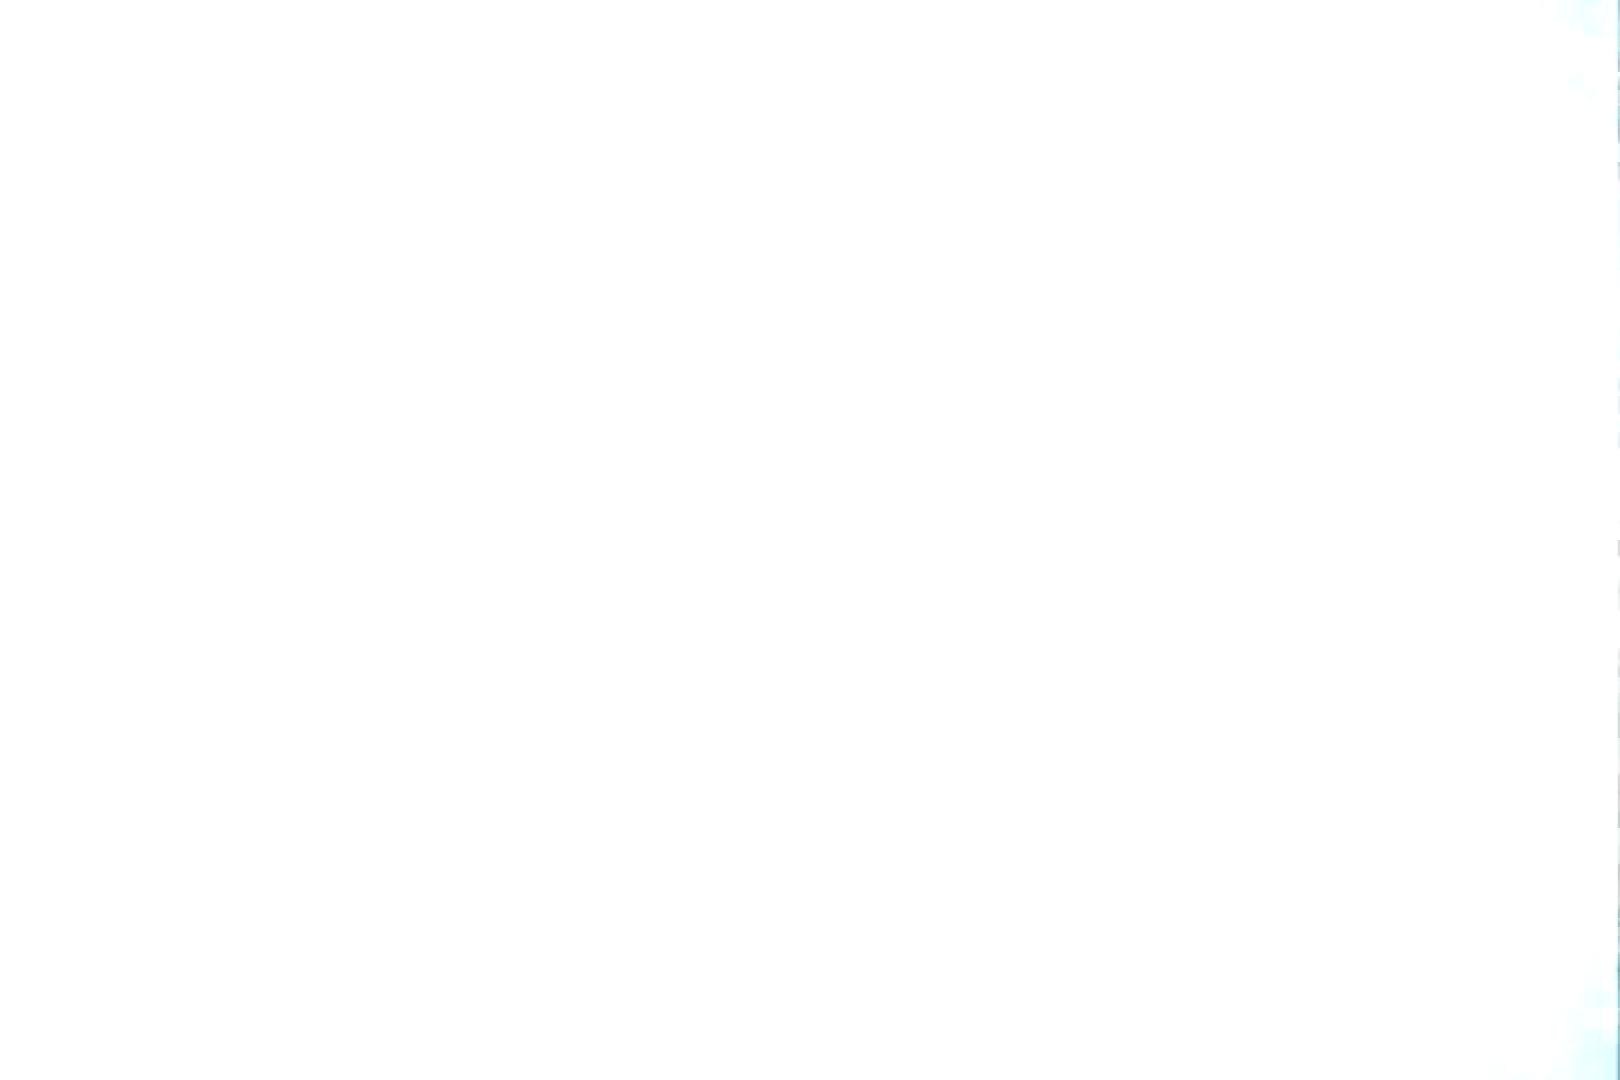 充血監督の深夜の運動会Vol.14 お尻 | カップルもろsex  106PICs 49